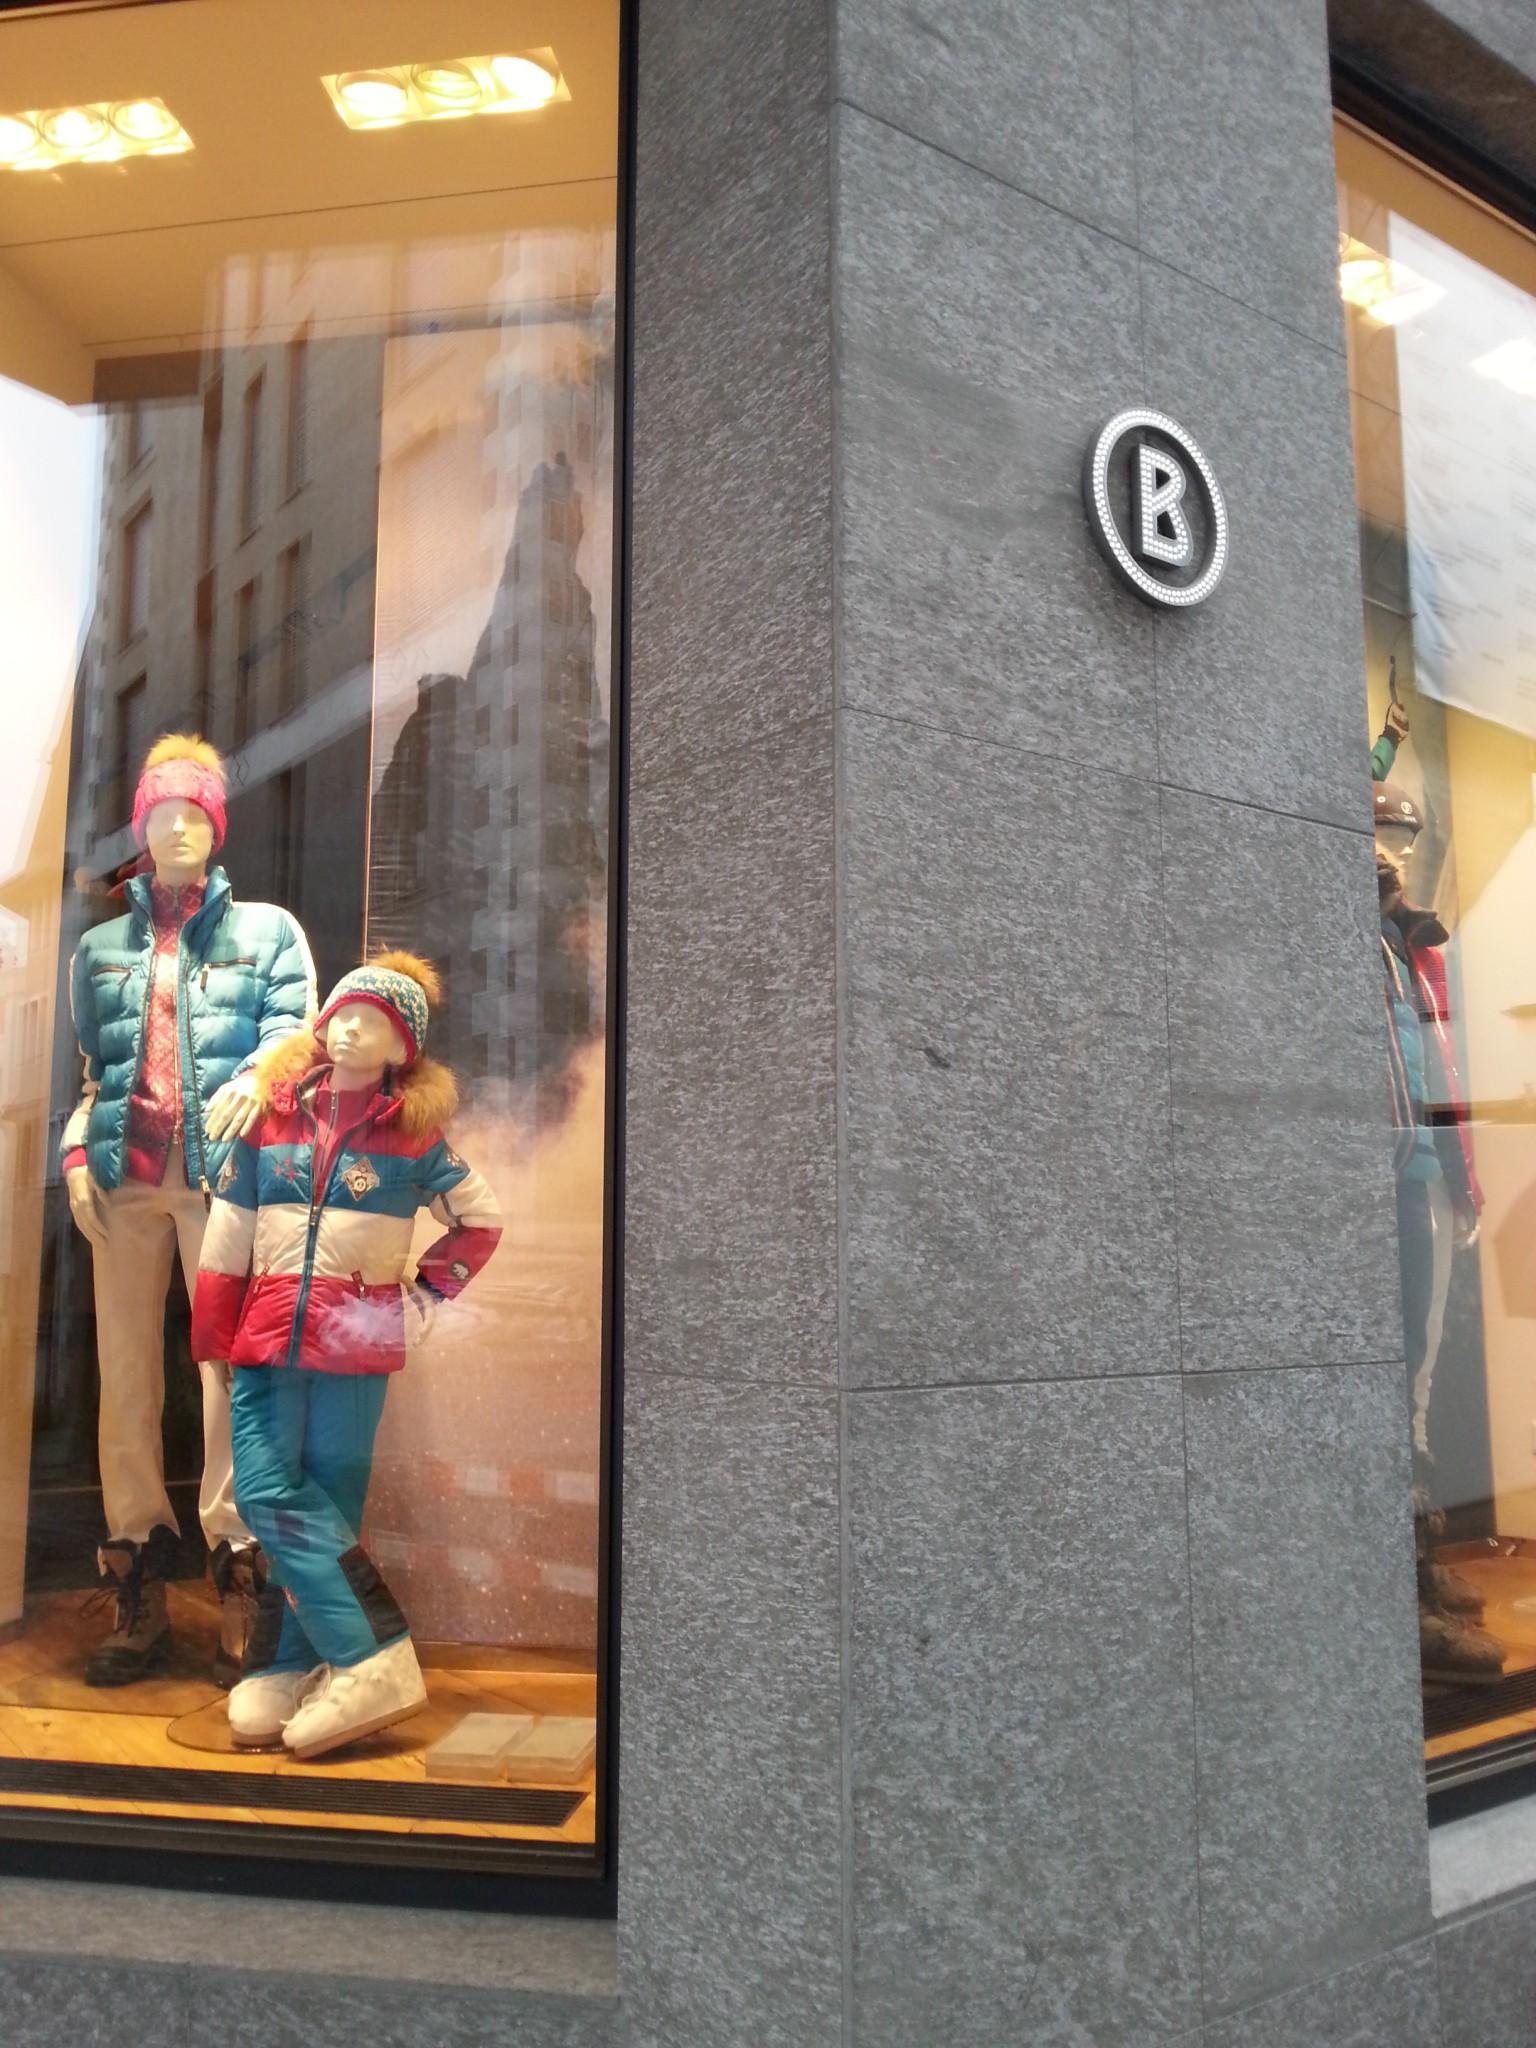 Negozio Bogner a Saint Moritz in marmo della valmalenco